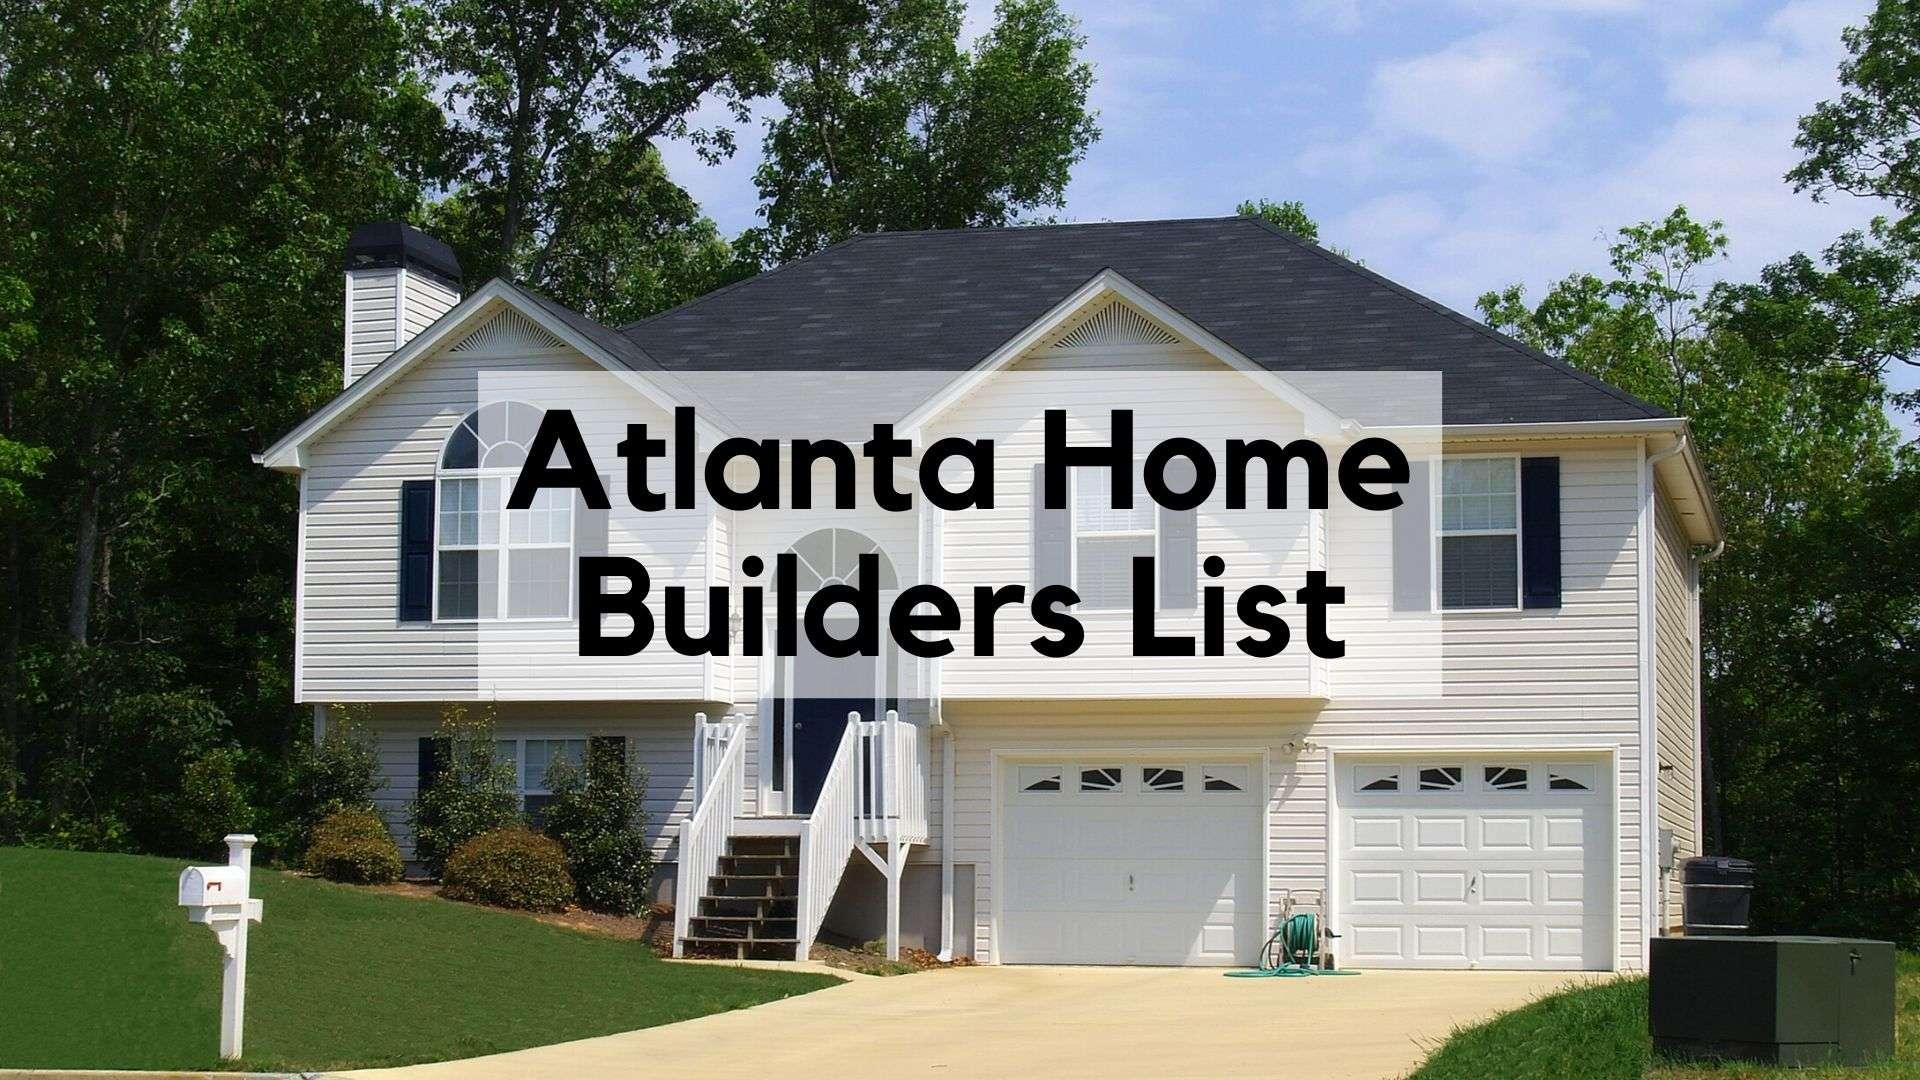 Atlanta Home Builders List